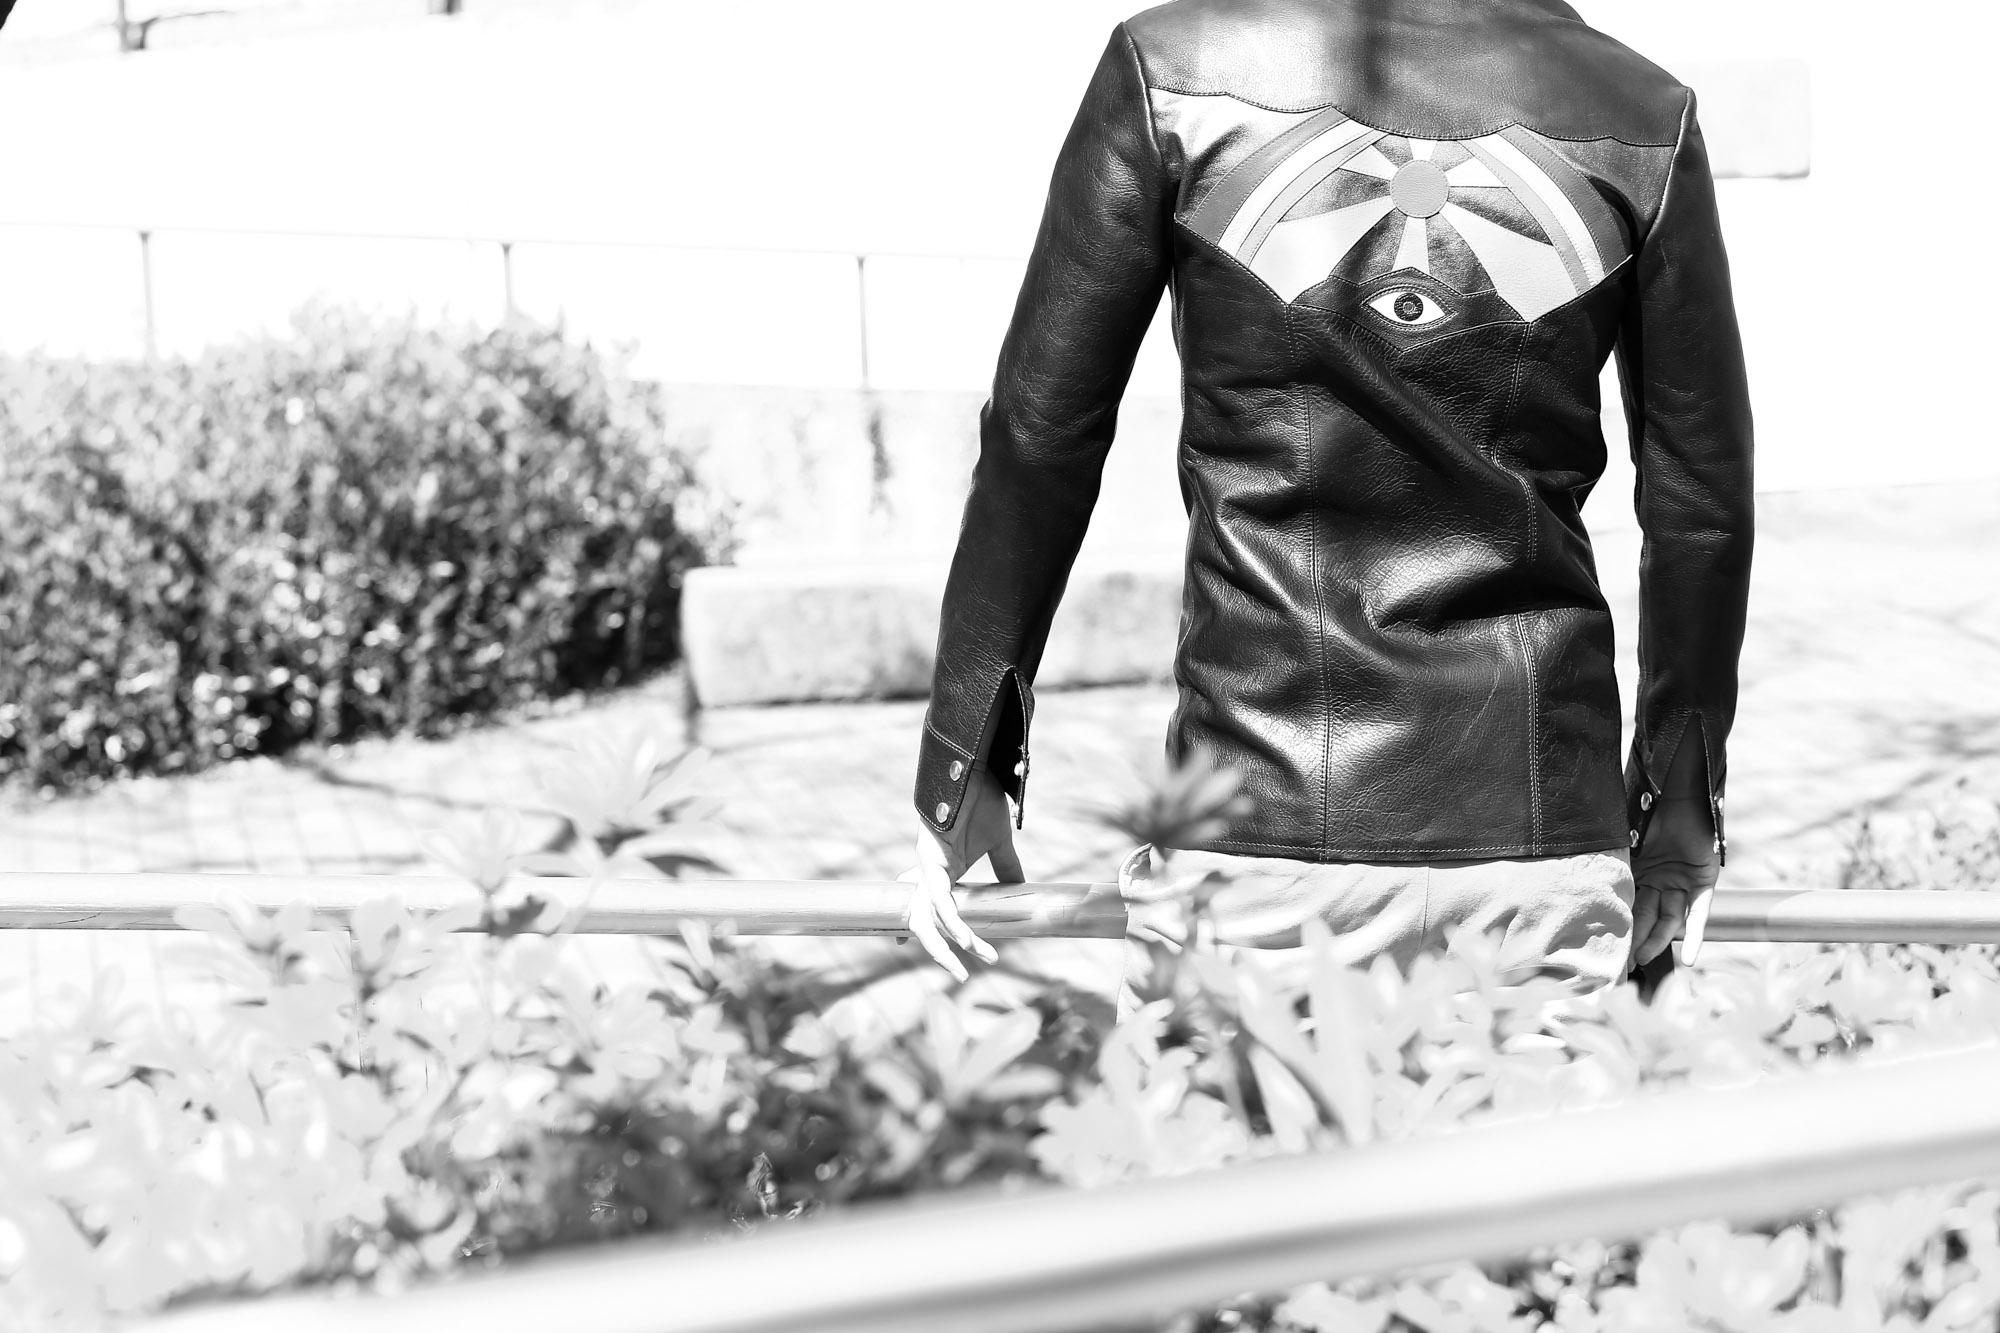 SOUTH PARADISO LEATHER (サウスパラディソレザー) EAST WEST(イーストウエスト) ILLUMINATI RAINBOW SHIRTS(イルミナティレインボーシャツ) レザーシャツ BLACK(ブラック) レザーシャツ パラディソ 愛知 名古屋 ZODIAC ゾディアック 入荷